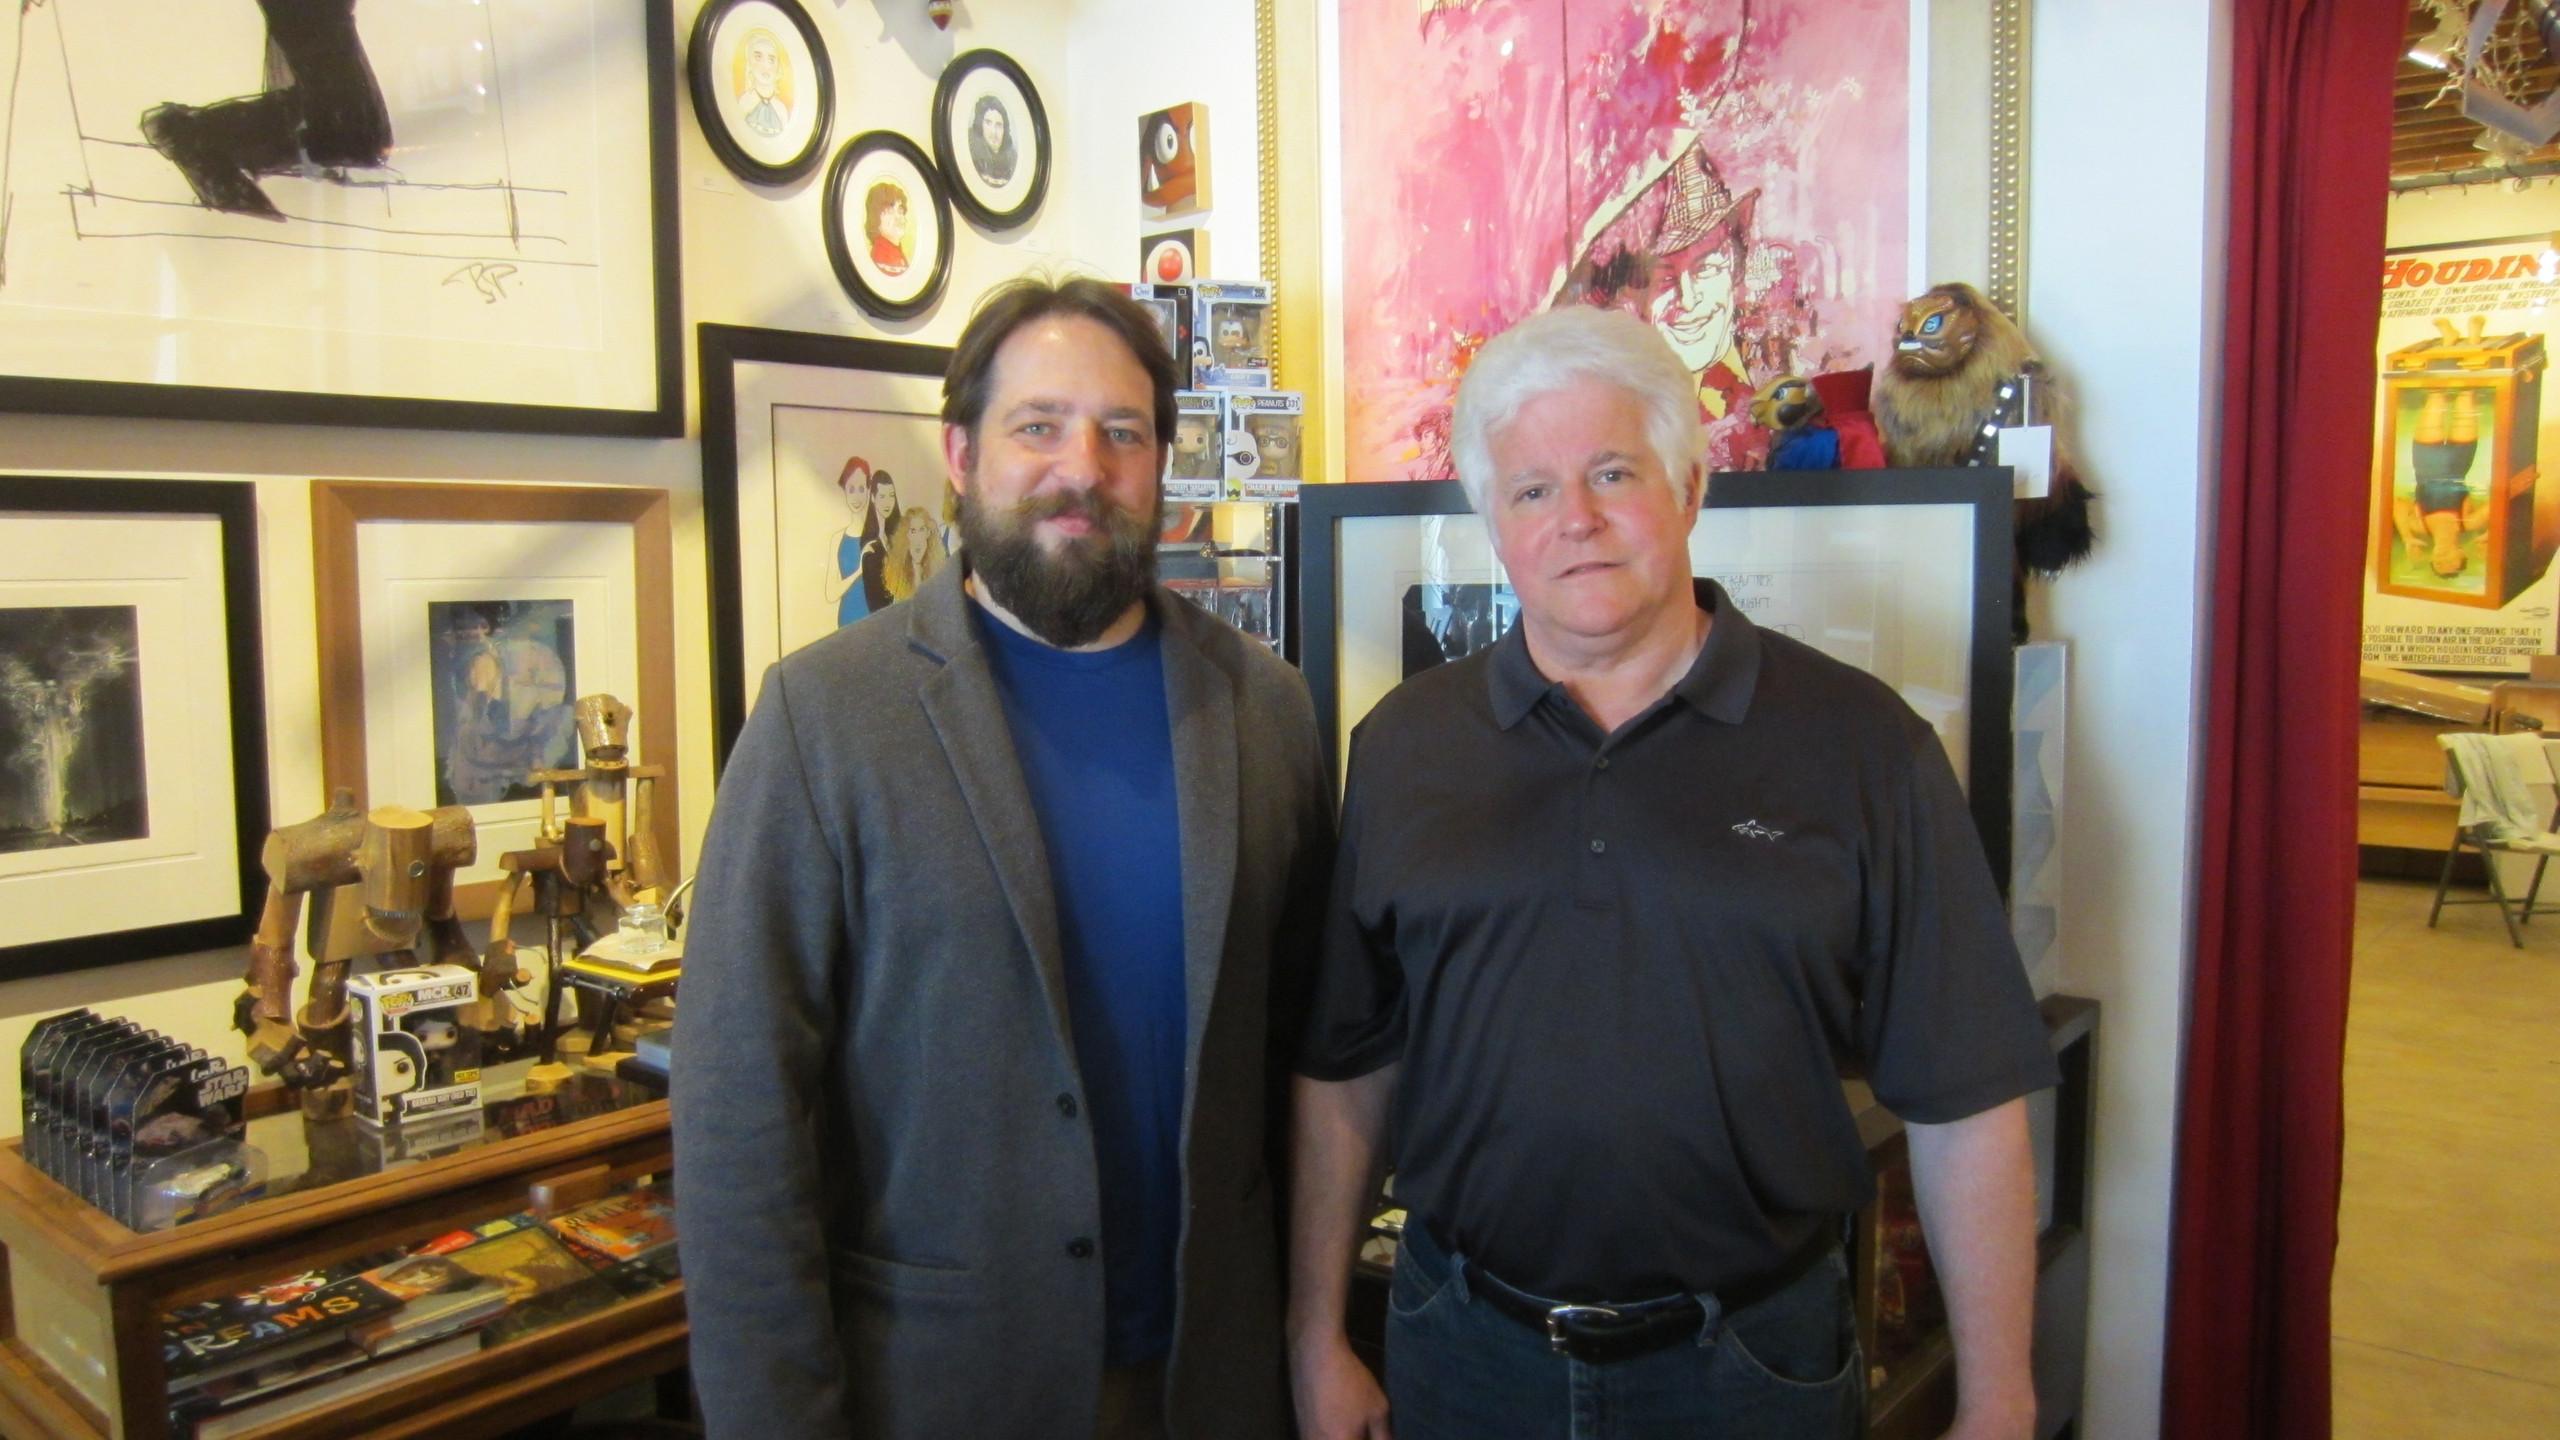 Scott Gandell and Tom Peak